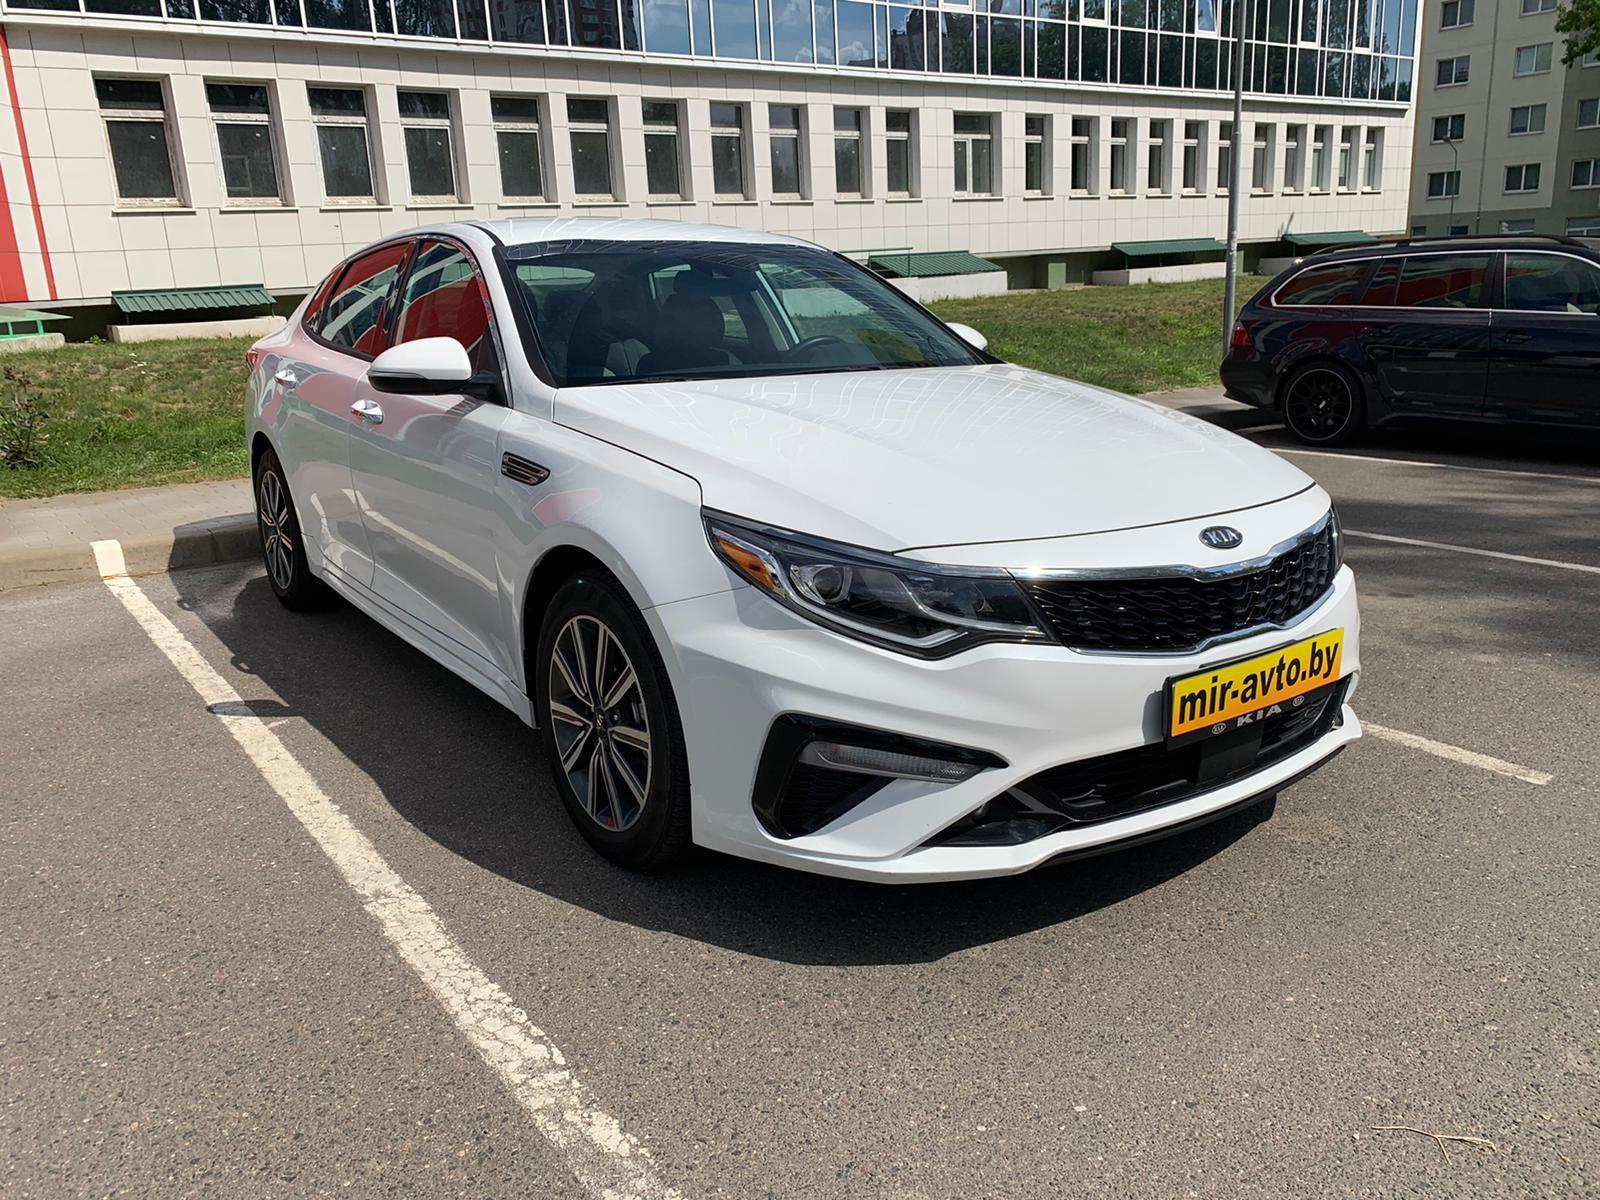 Аренда и прокат авто в Минске - Kia Optima 2019